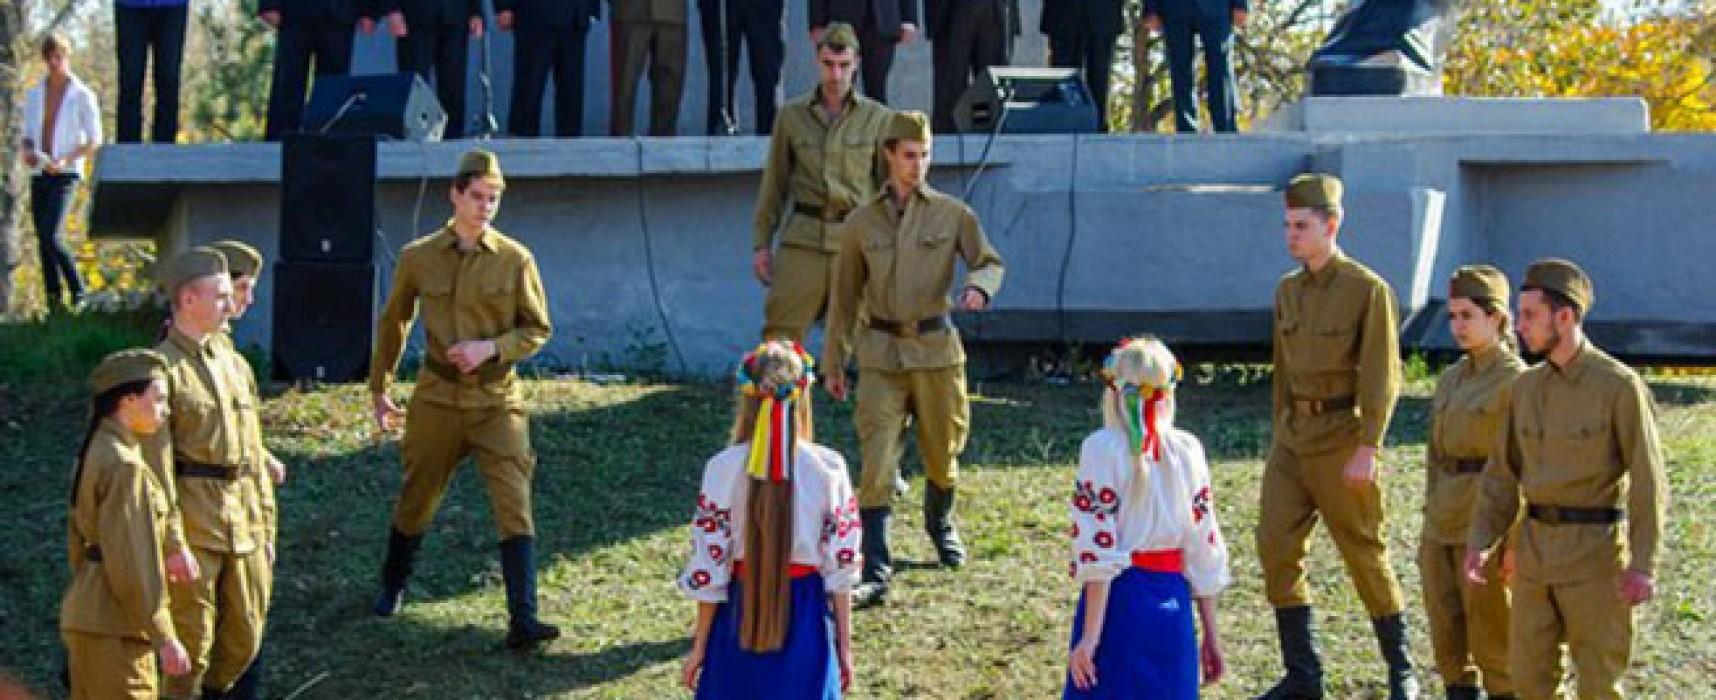 Фейк: в Запорожье ветеранам показали номер об изнасиловании украинок бойцами Красной армии